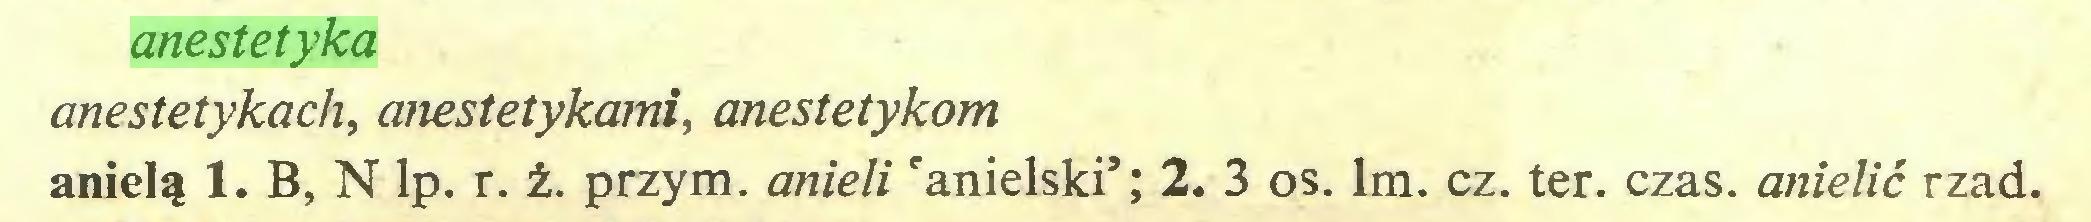 (...) anestetyka anestetykach, ałiestetykami, anestetykom anielą 1. B, N lp. r. ż. przym. anieli 'anielski'; 2. 3 os. lm. cz. ter. czas. anielić rząd...